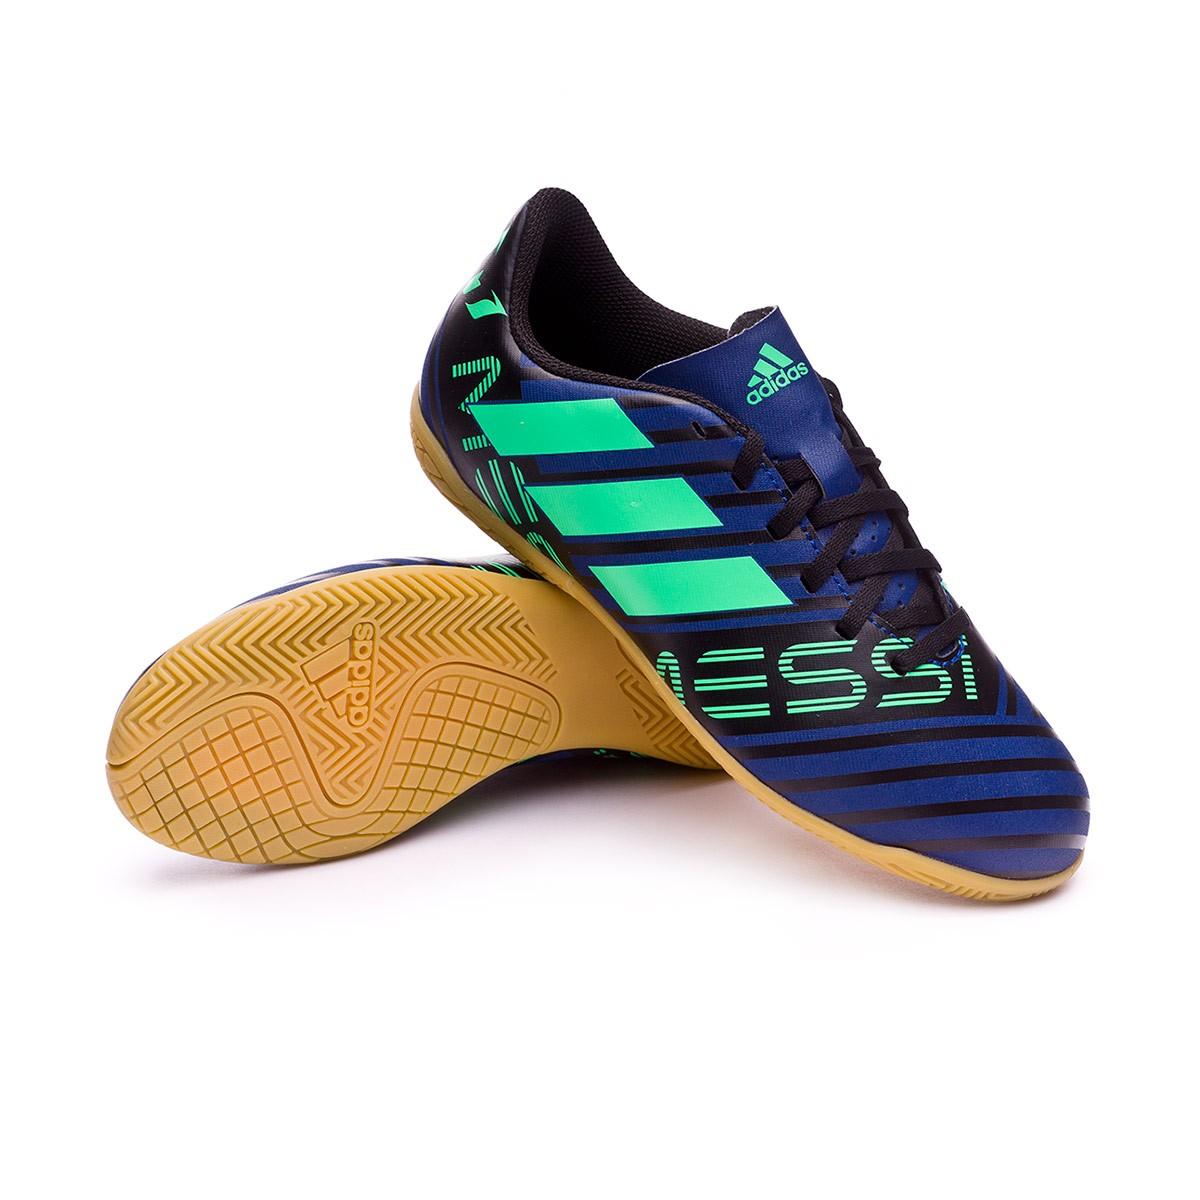 separation shoes 61686 8c93c Zapatilla adidas Nemeziz Messi Tango 17.4 IN Niño Unity ink-Hi-res  green-Core black - Tienda de fútbol Fútbol Emotion